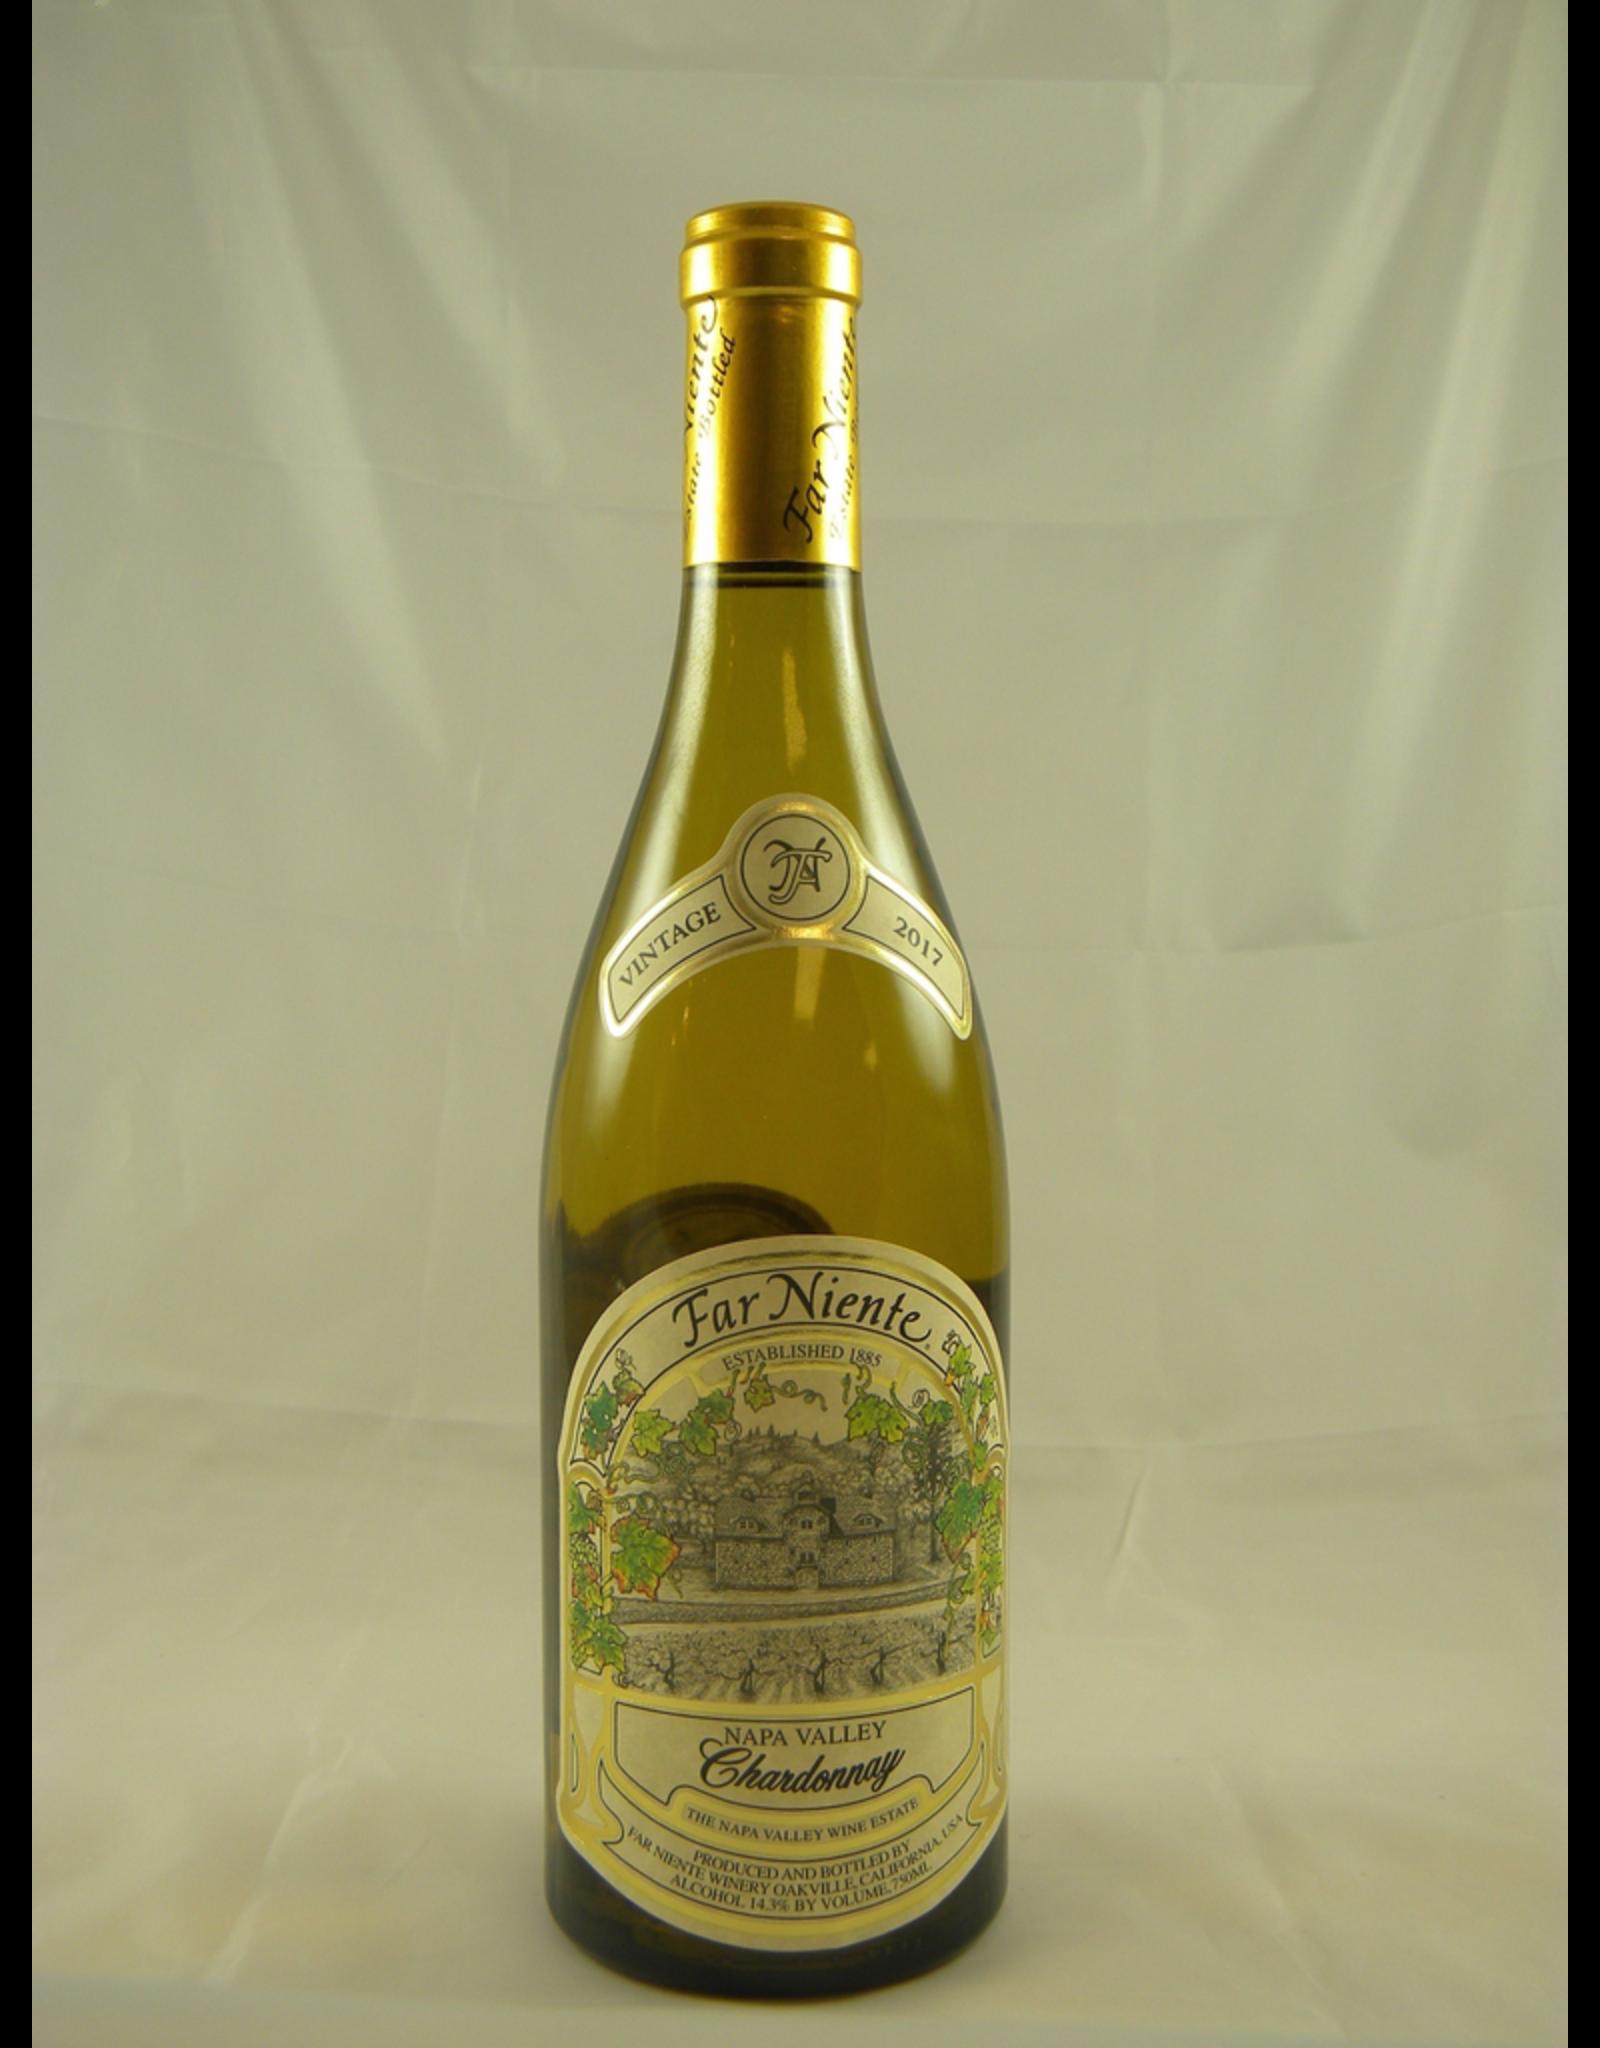 Far Niente Far Niente Chardonnay Napa 2018